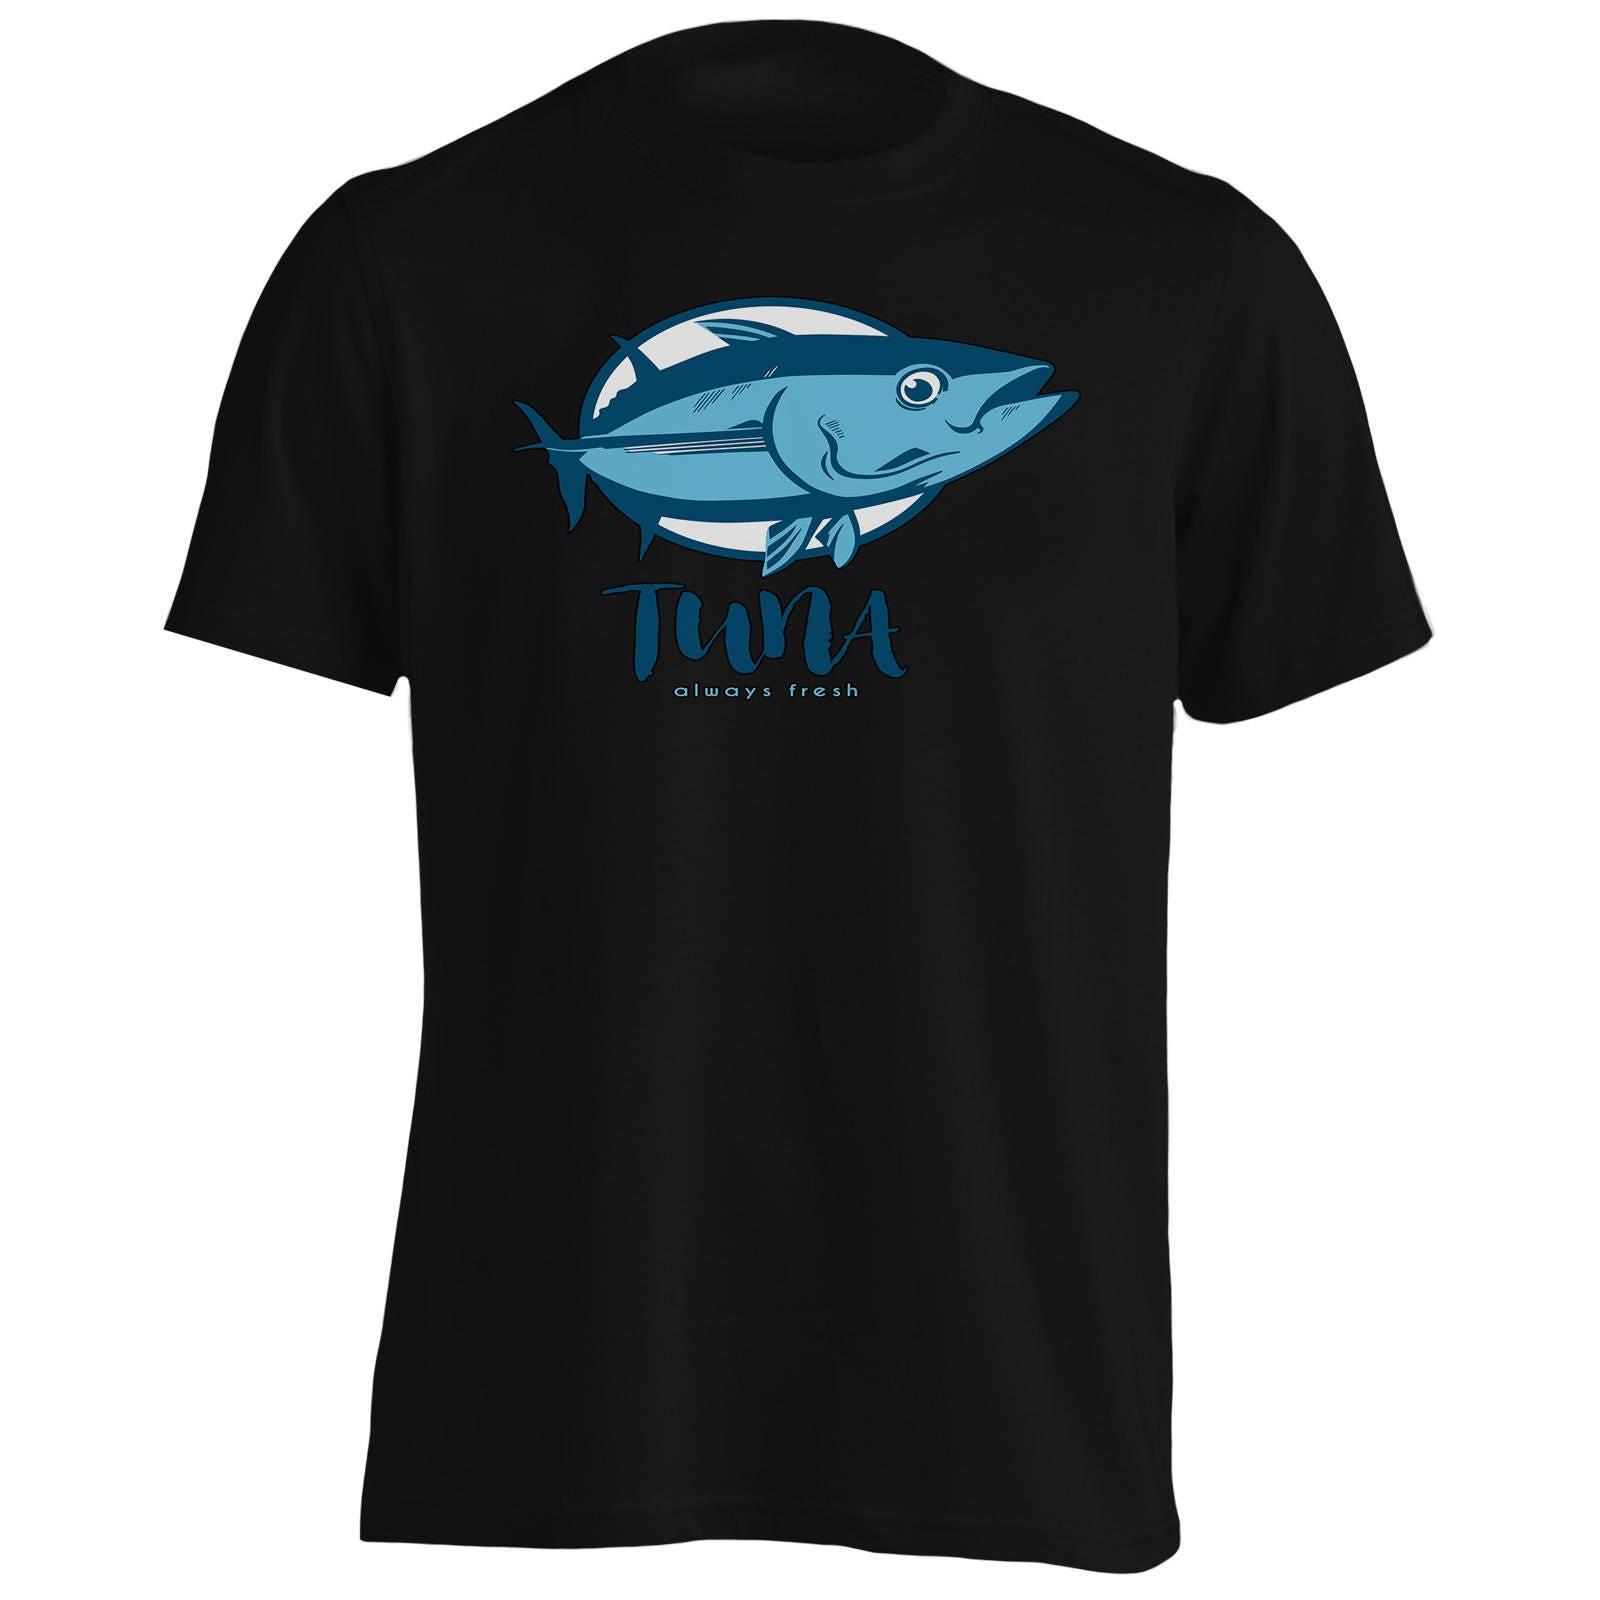 A711m T-Shirt thon toujours poisson frais nouveauté poisson toujours rigolo pour homme 4424d9